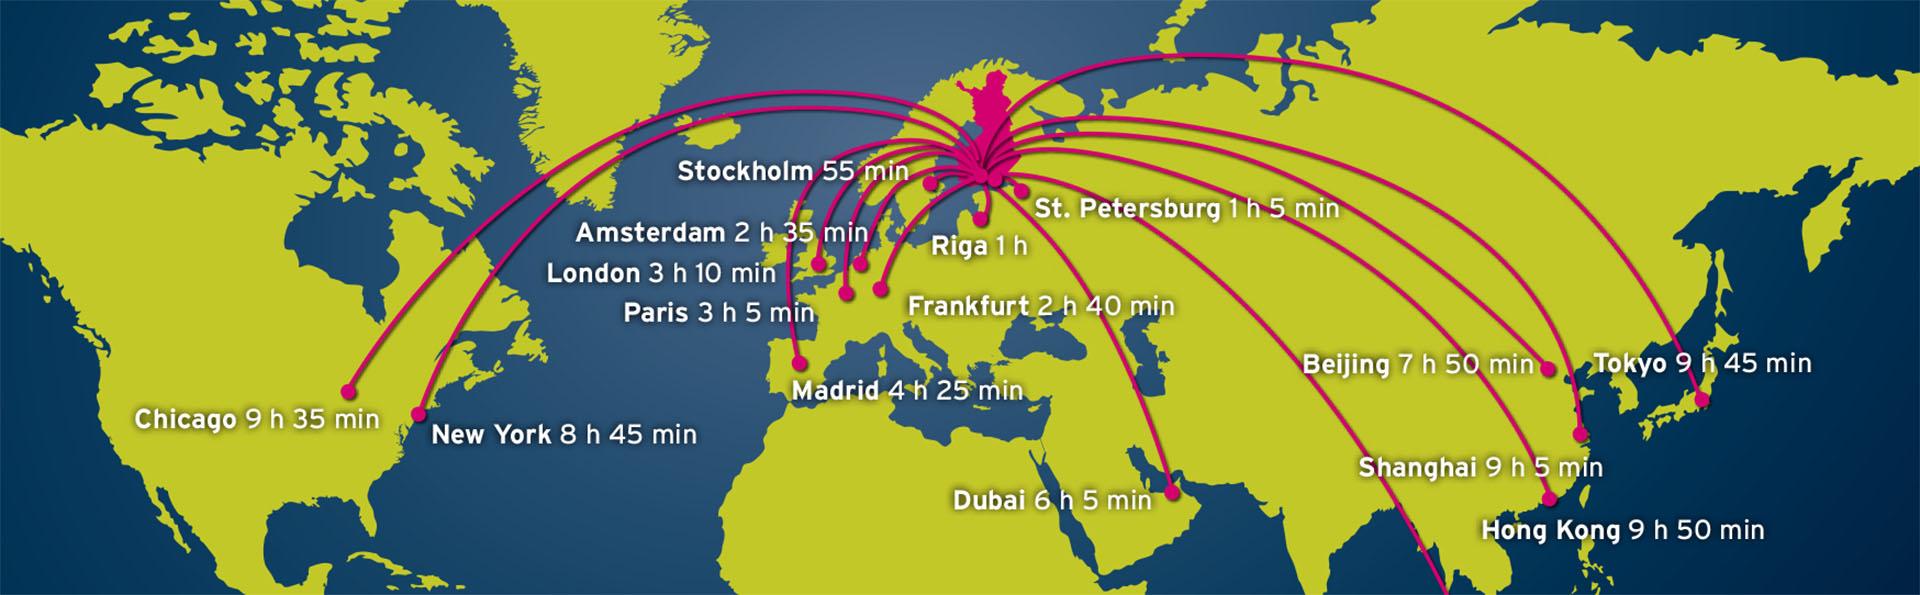 Piirretty maailman kartta, jossa näkyy lentoreittejä Suomeen.